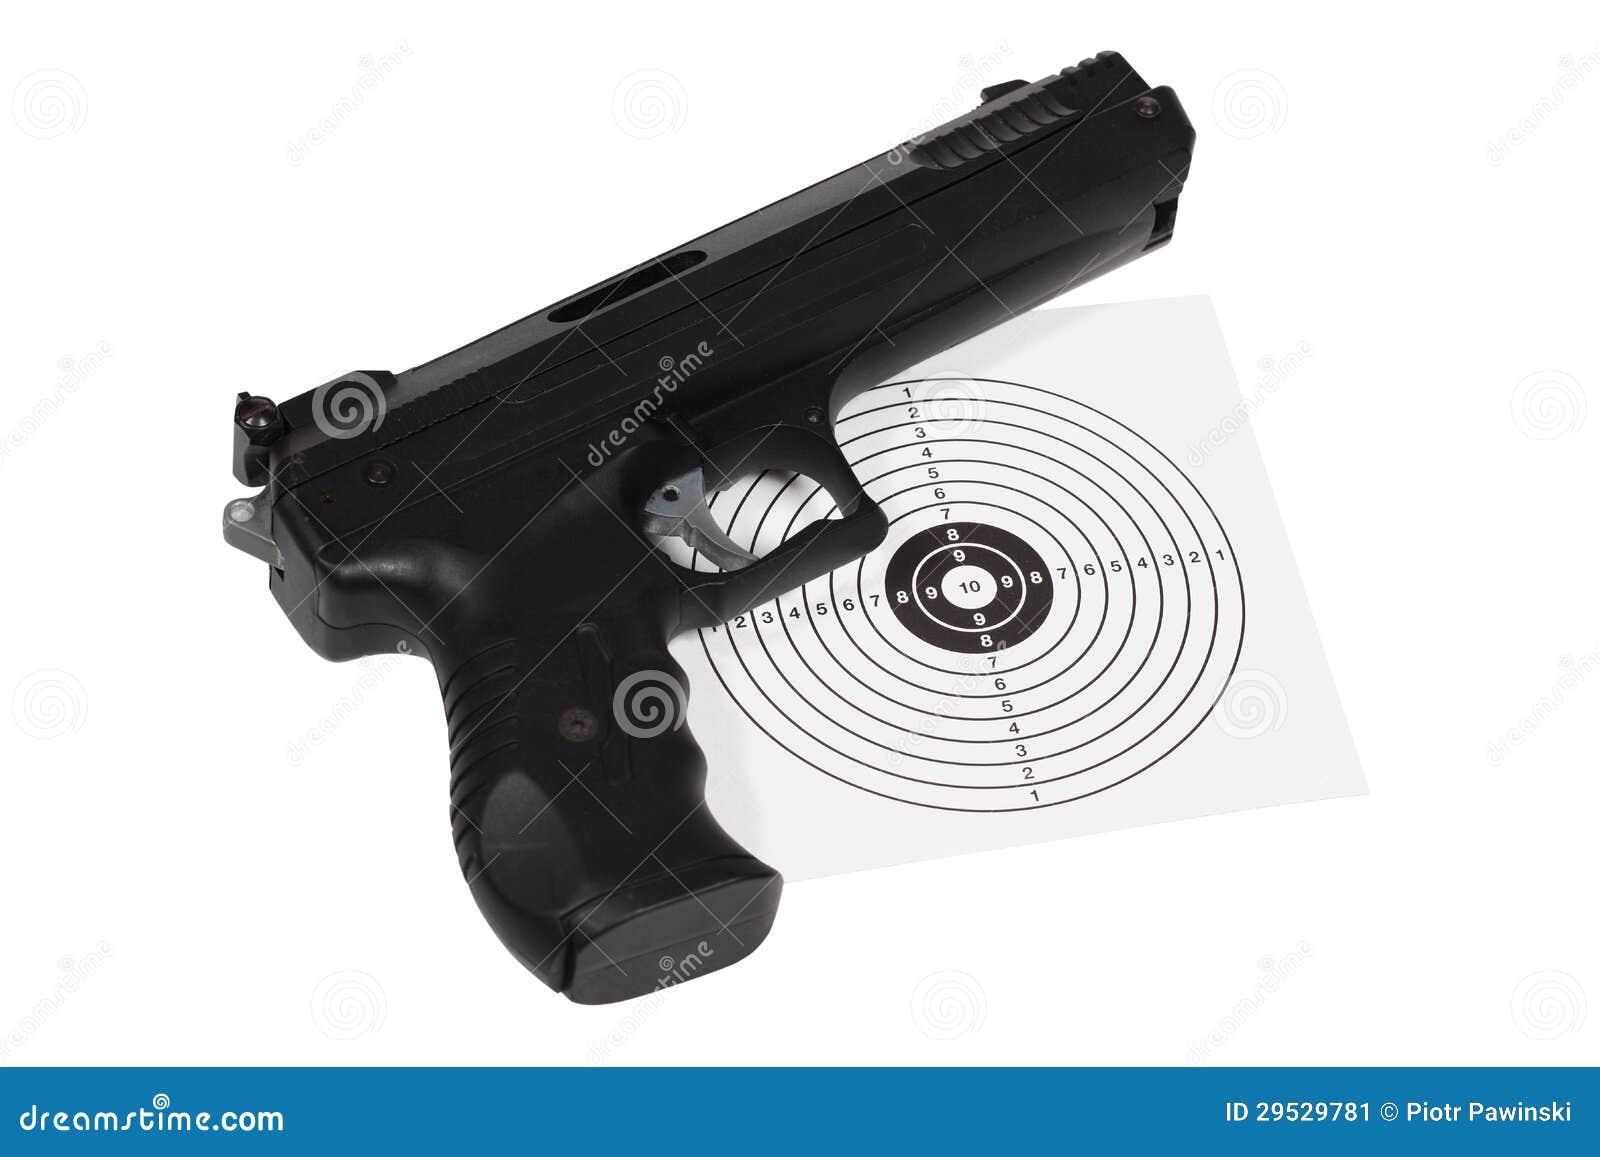 Pistola pneumática com arma-protetor